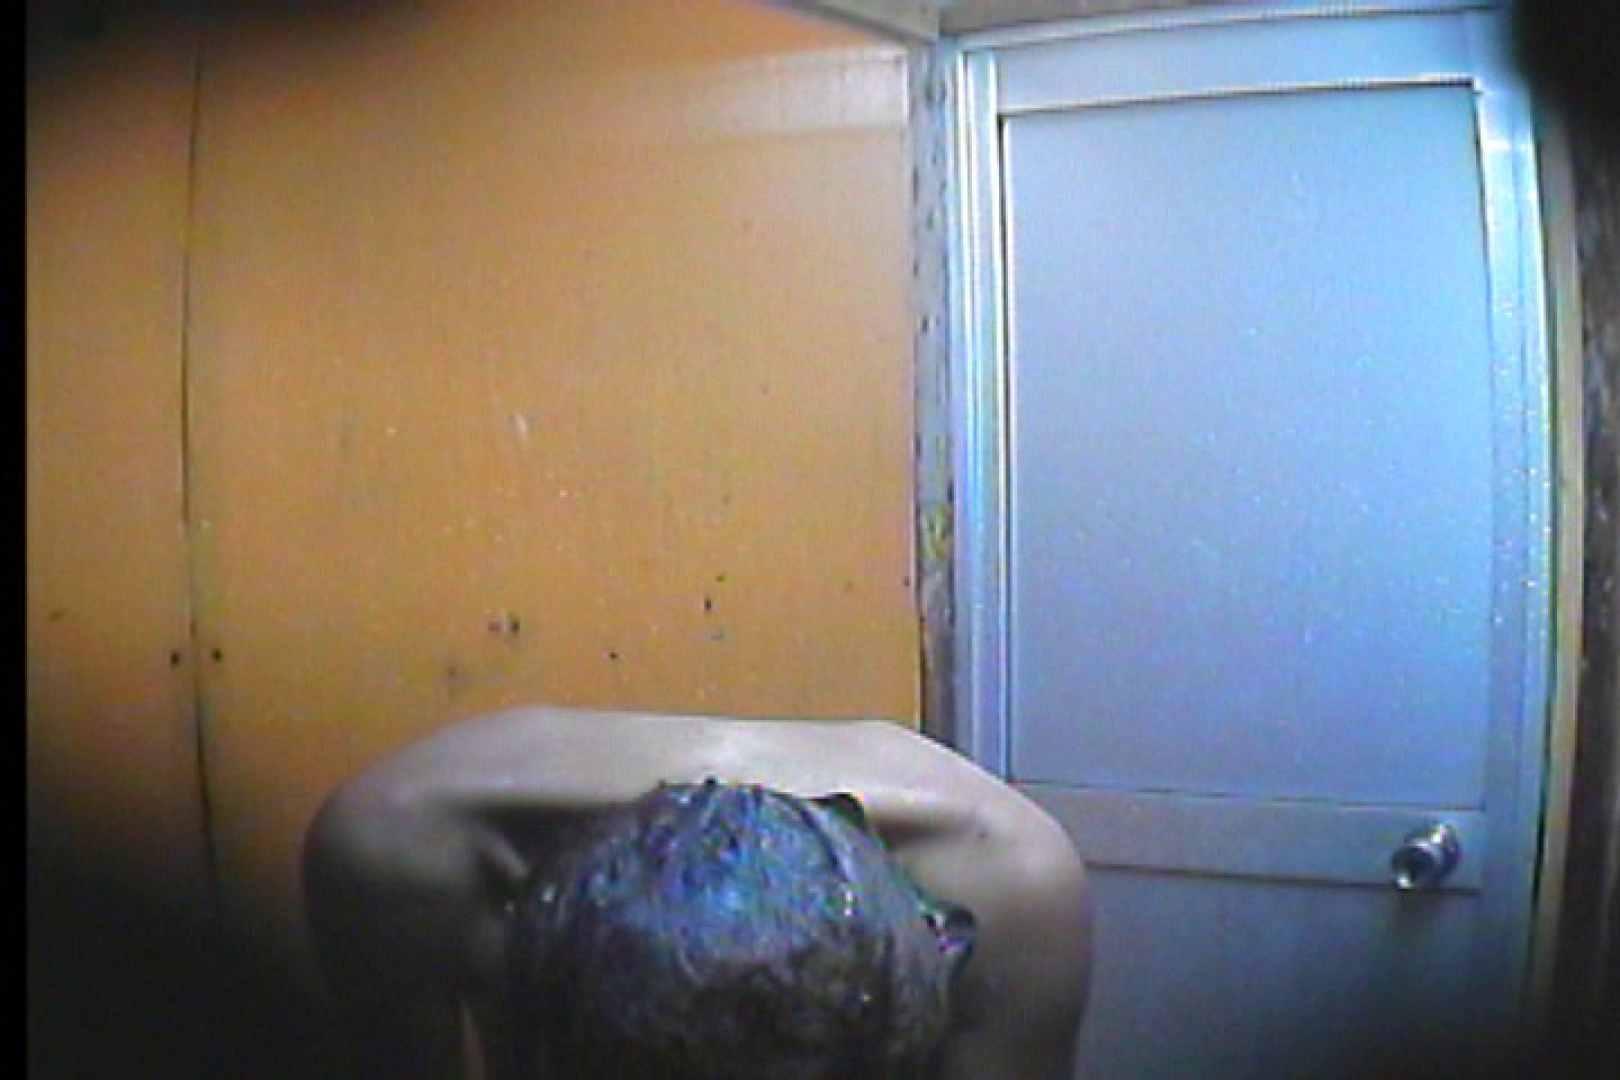 海の家の更衣室 Vol.46 美女 盗み撮り動画キャプチャ 99pic 26